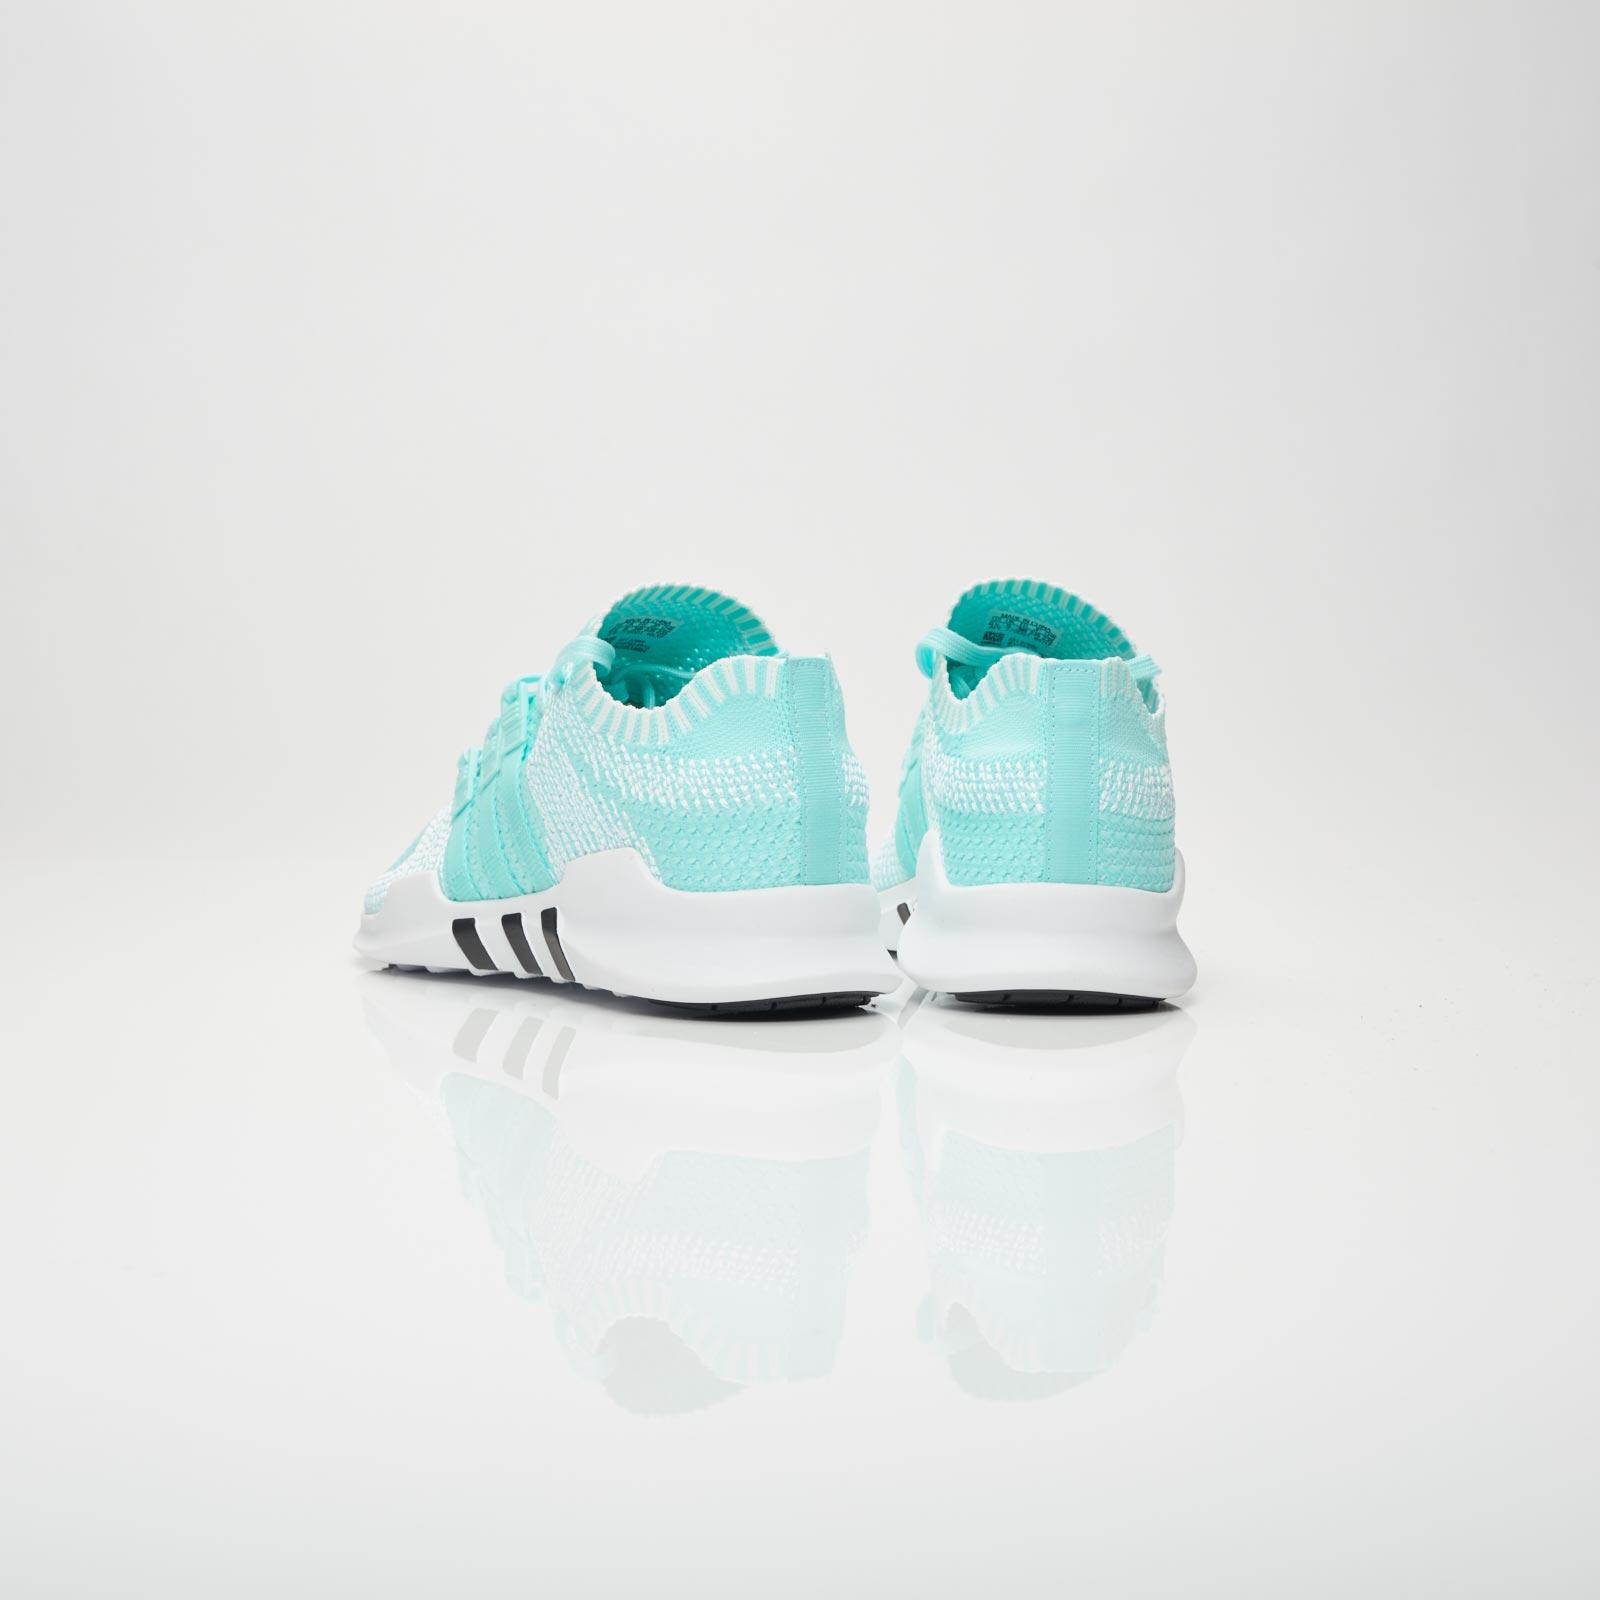 adidas eqt appoggio avanzata pk w bz0006 sneakersnstuff scarpe